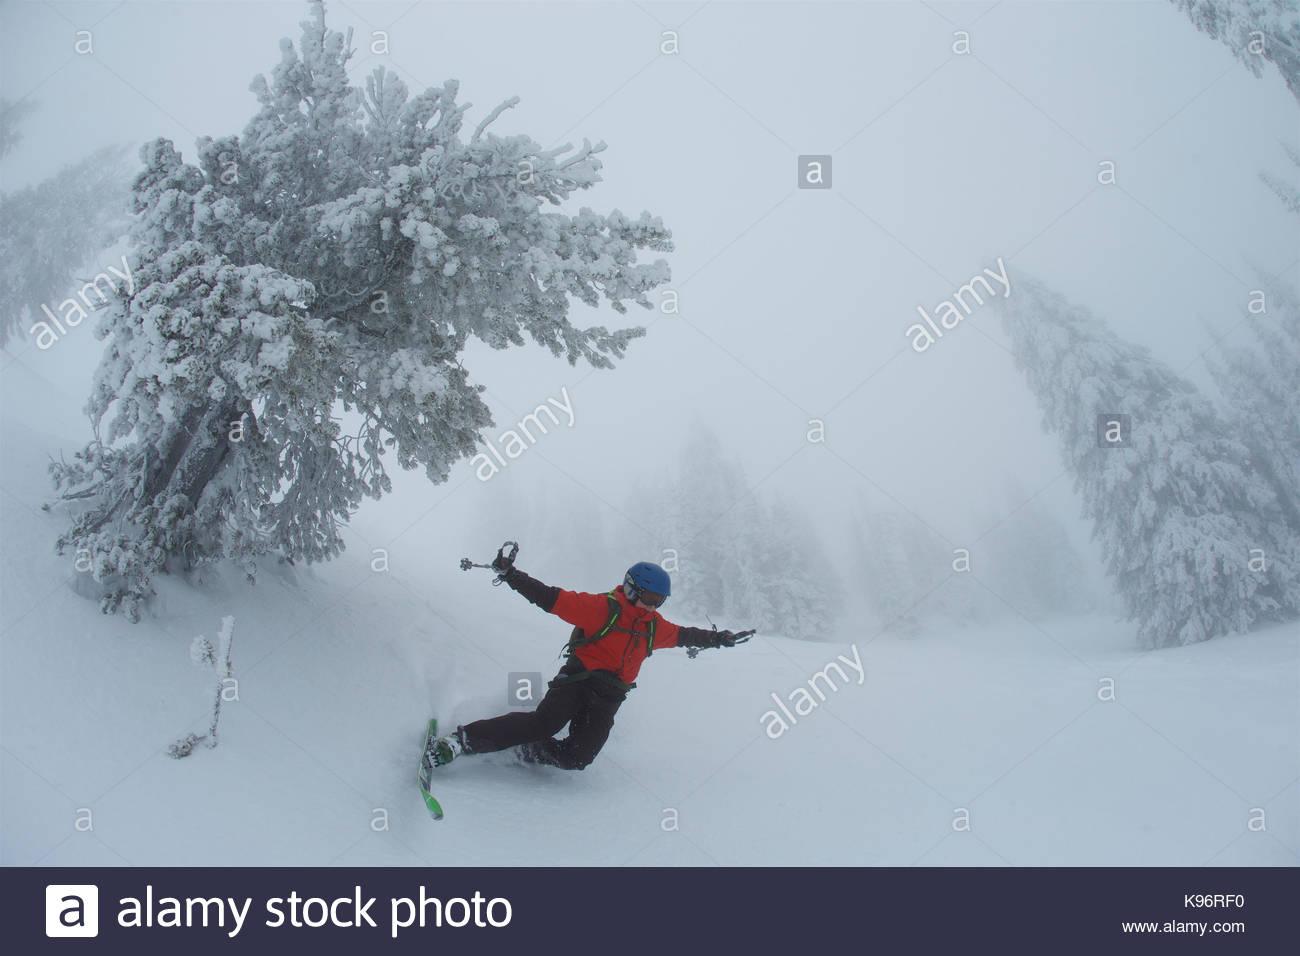 Ein jugendlich Junge fällt beim Skifahren in nebligen, whiteout Bedingungen in der Nähe von Rauhreif bedeckt Stockbild